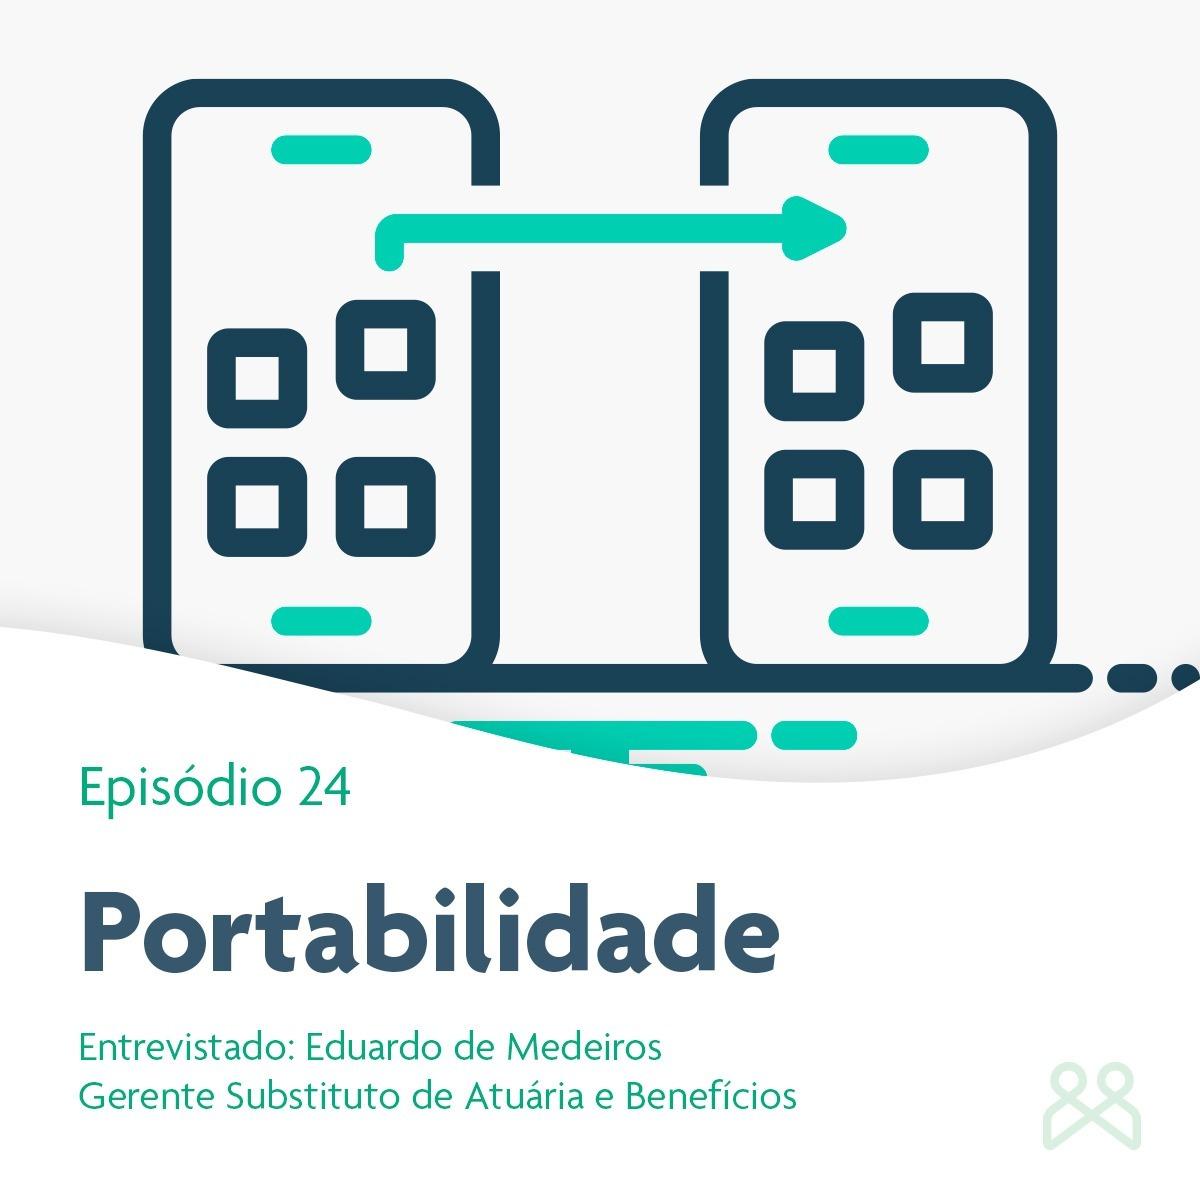 Episódio 24 - Portabilidade